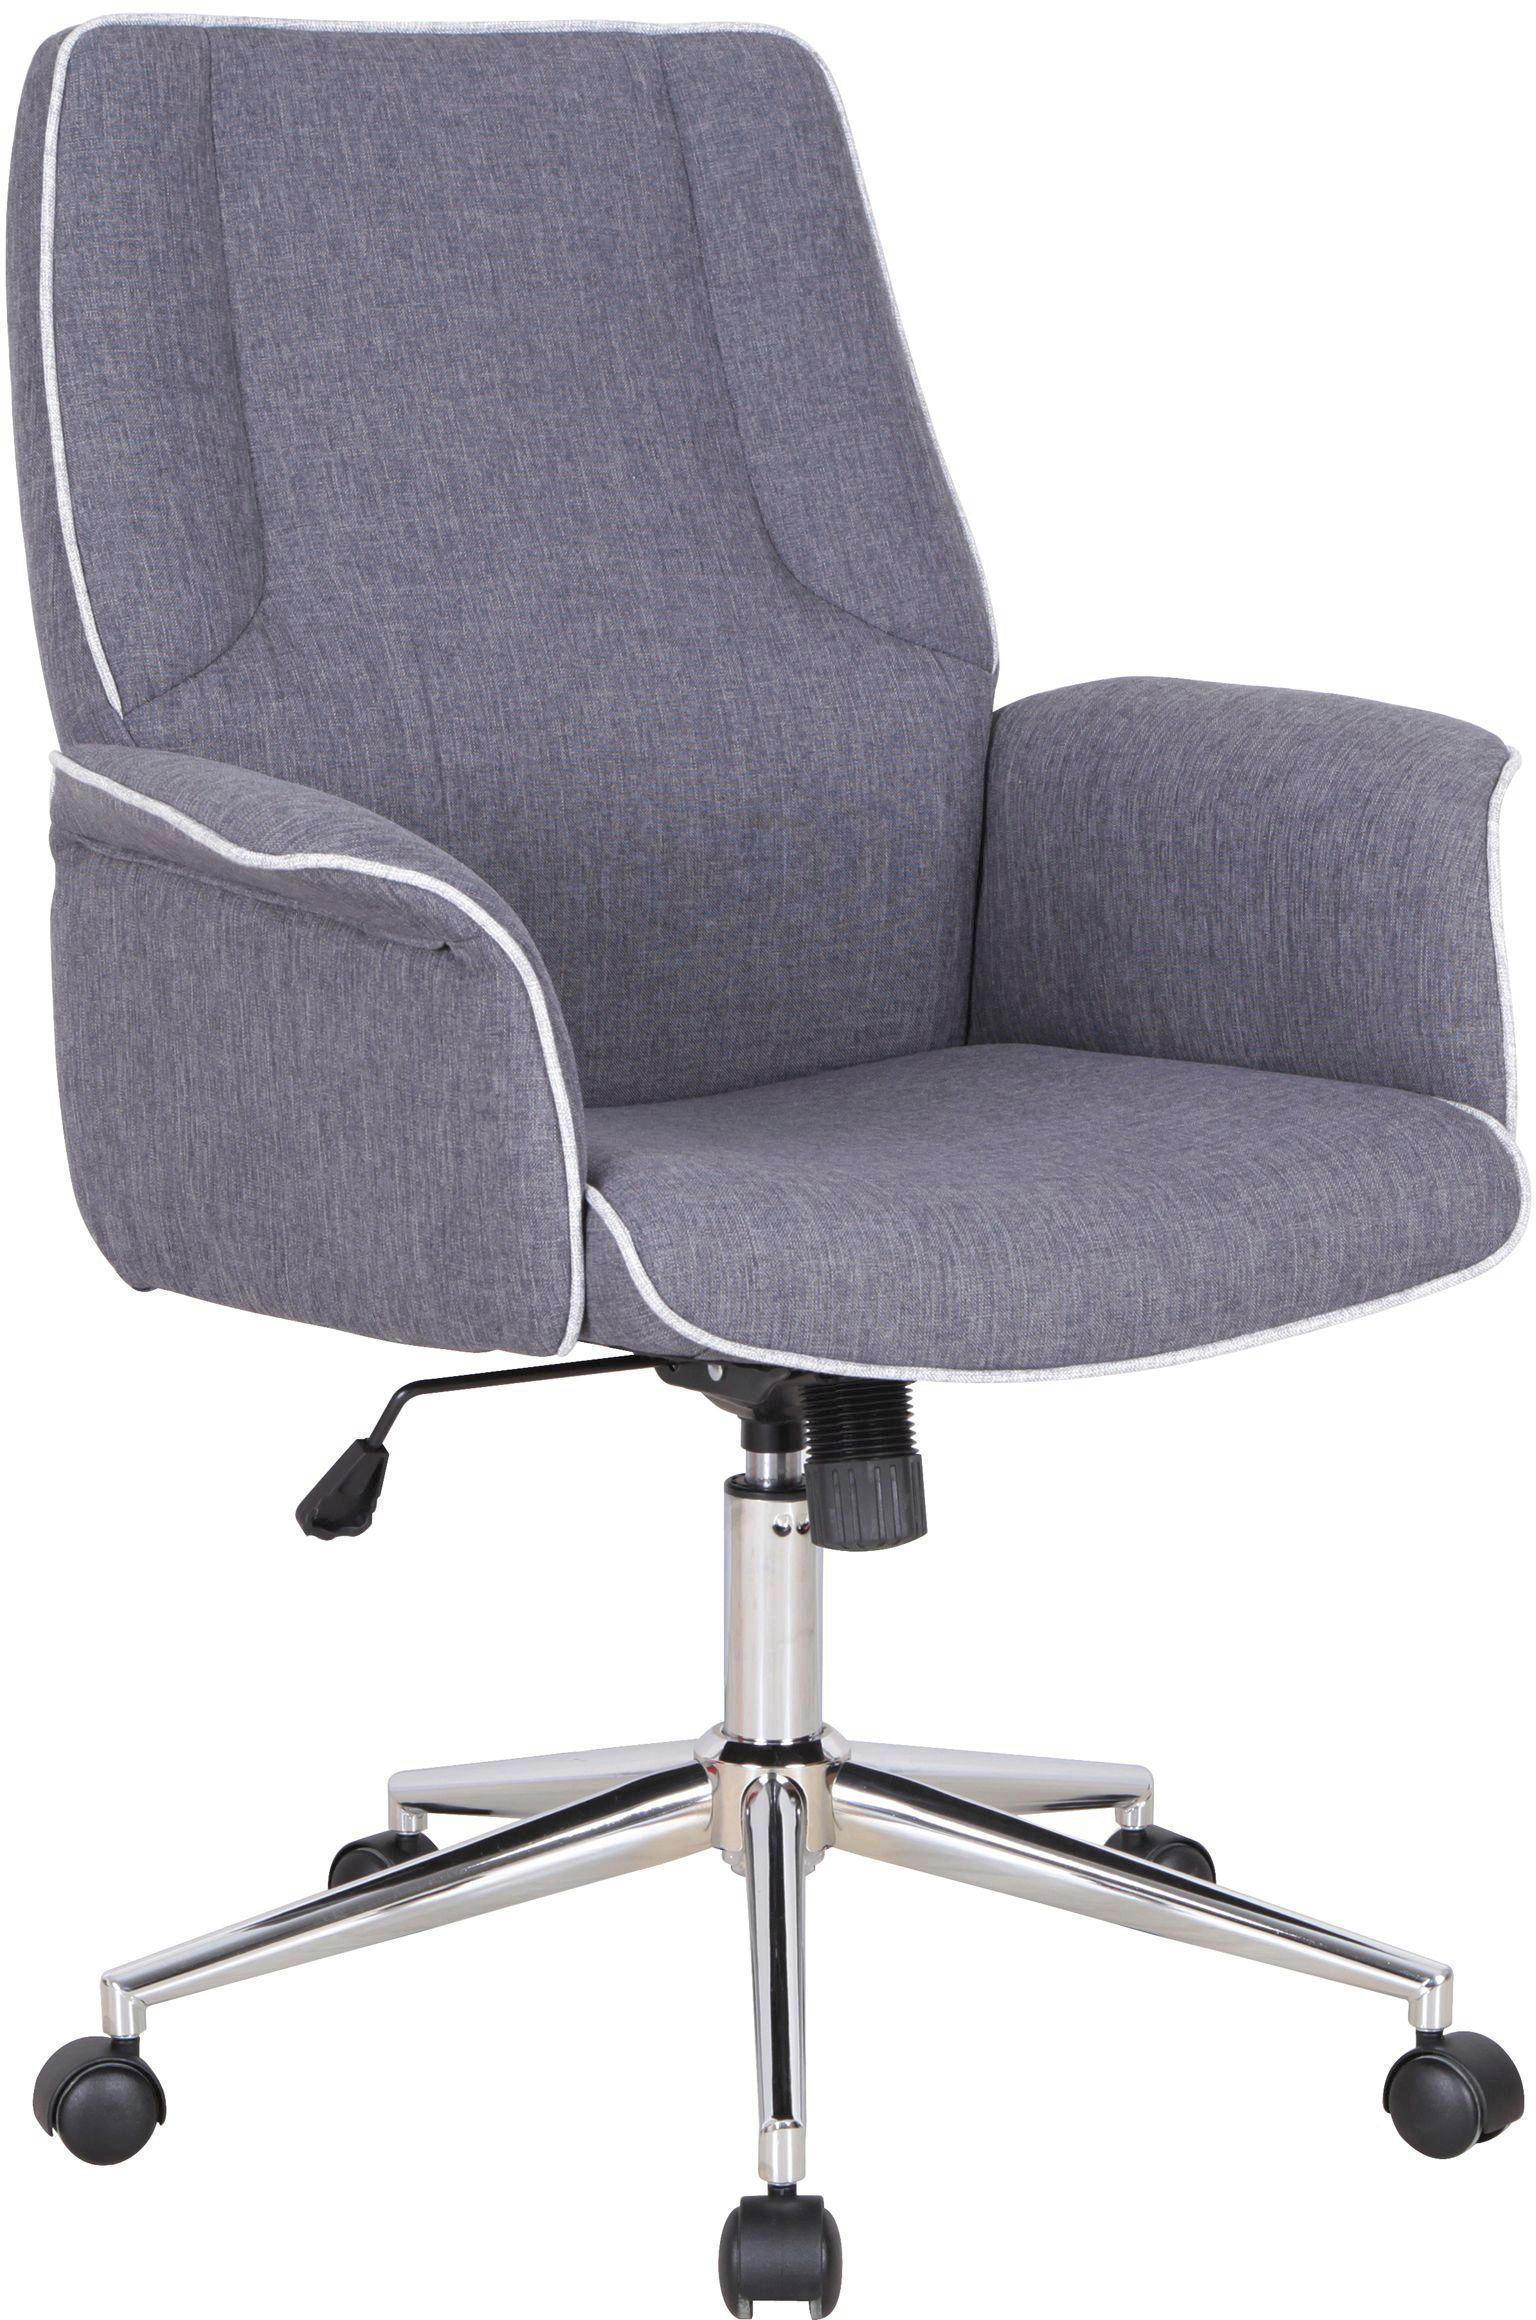 Schreibtischstuhl modern grau  Drehstuhl in Grau online kaufen ➤ mömax